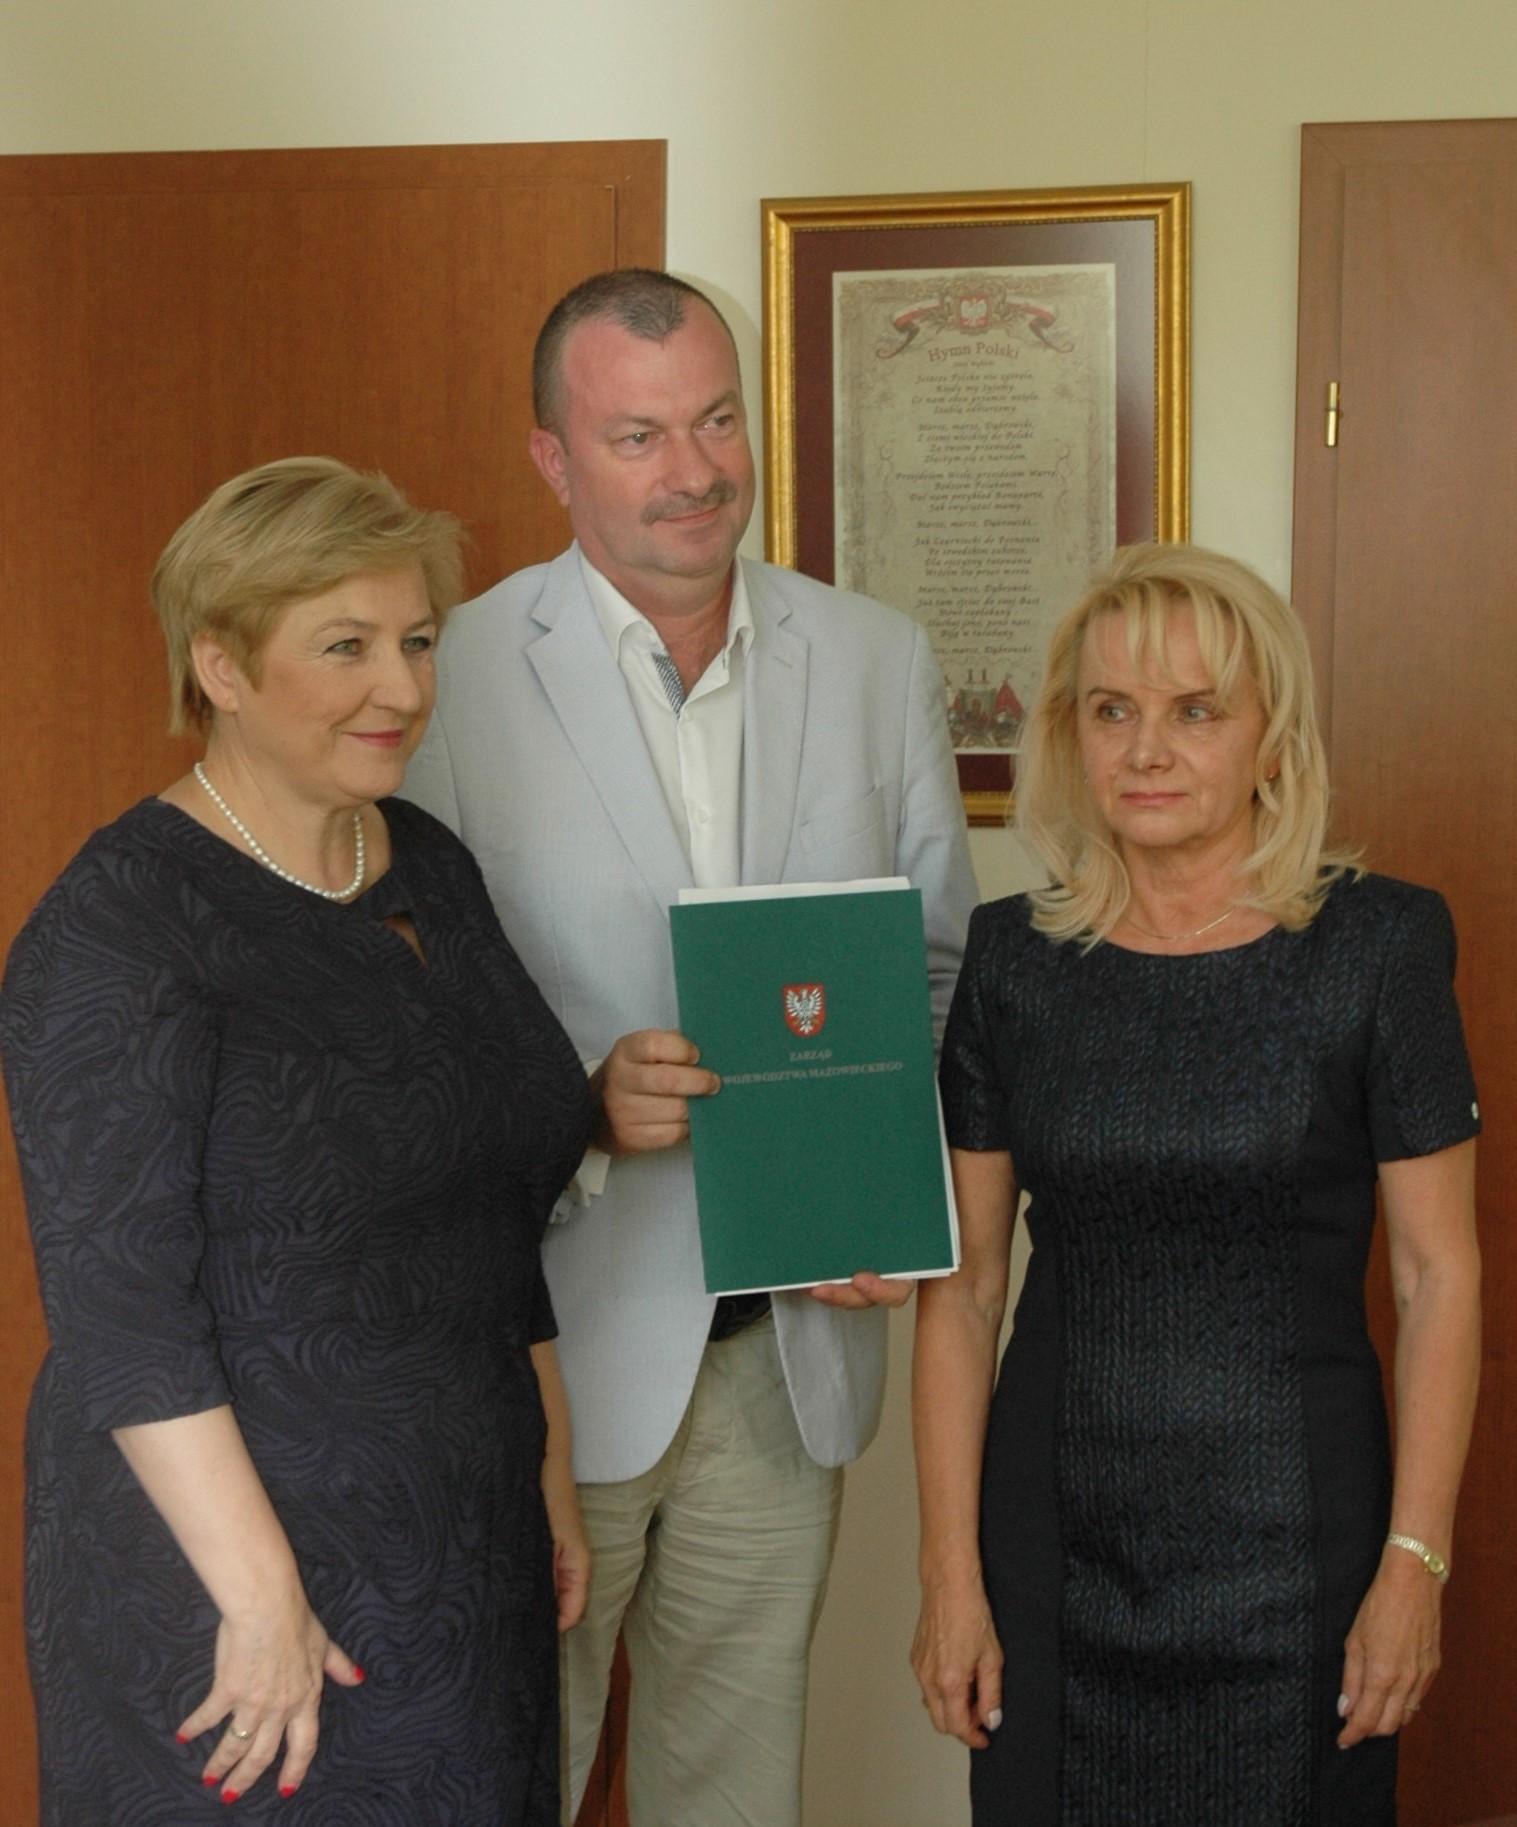 Prawie 10 mln zł na ochronę zdrowia, administrację i bezpieczeństwo mieszkańców Warszawy i okolic